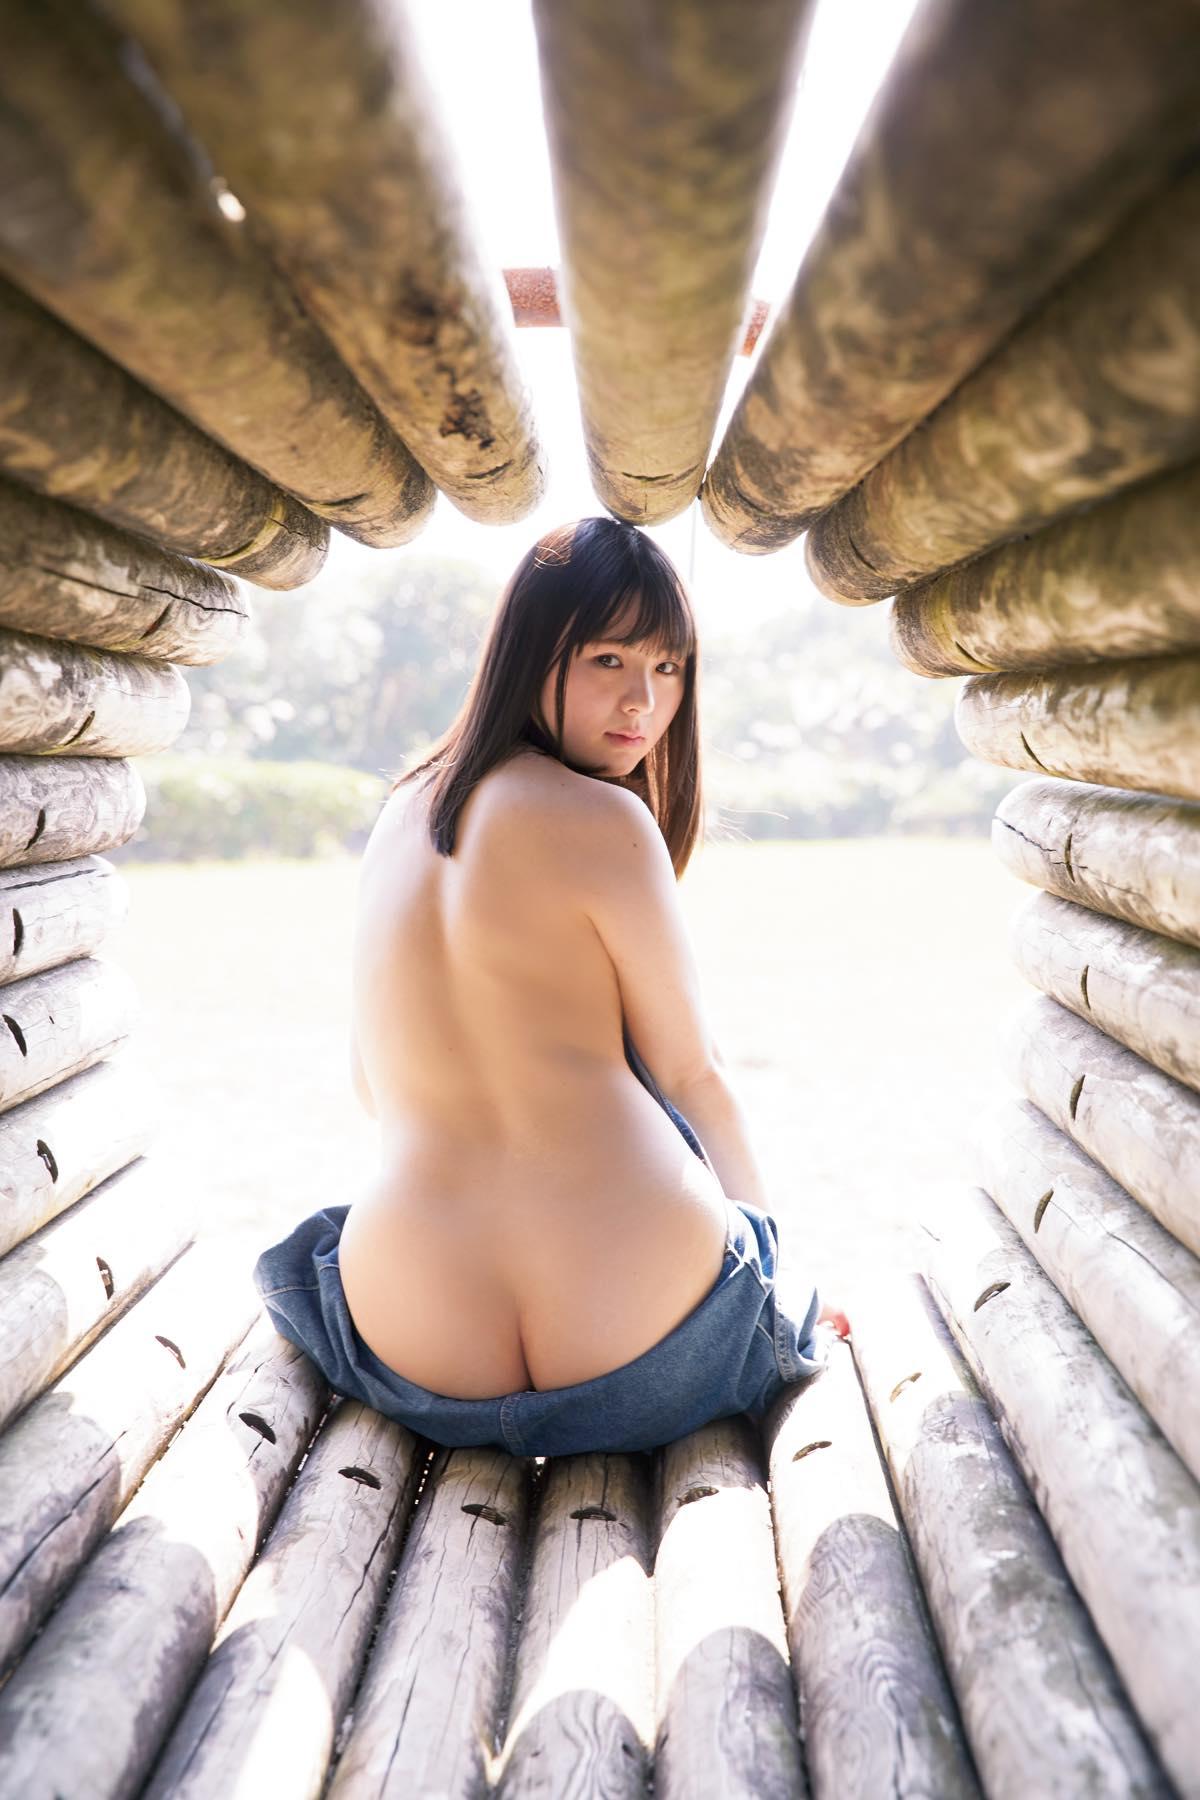 星野風香「ピュア系桃尻娘」はウブで恥ずかしがり屋さん!【写真10枚】の画像007